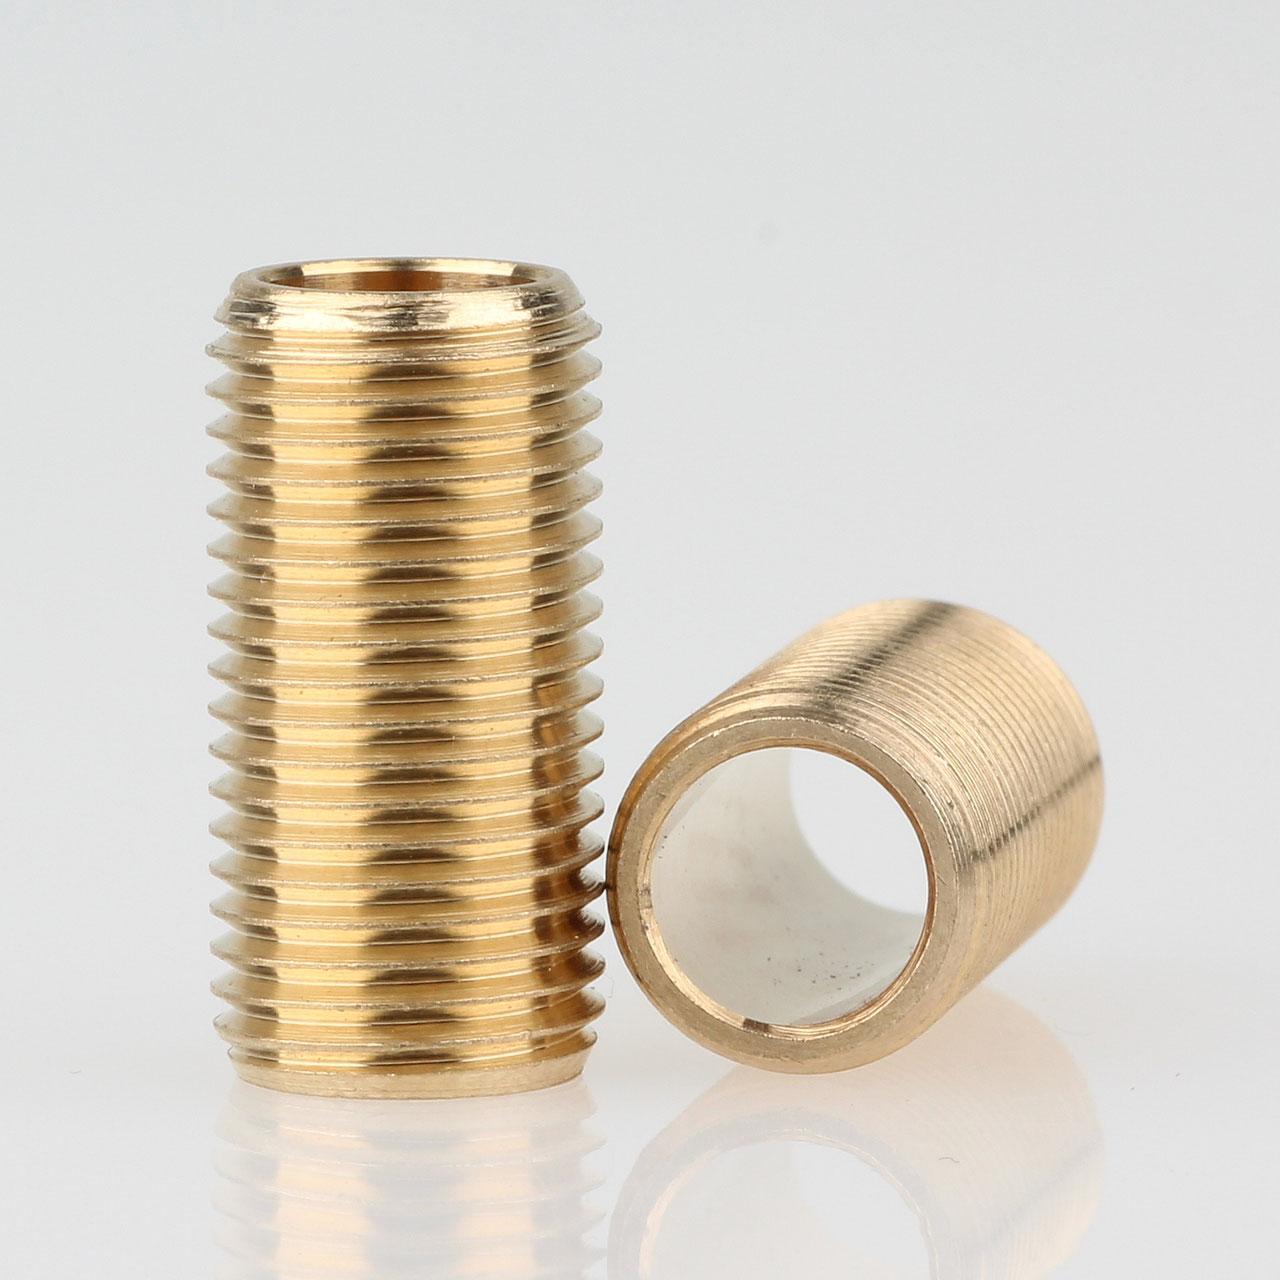 10 Sechskantmuttern DIN 934 A5 M10 Edelstahlmuttern Material 1.4571